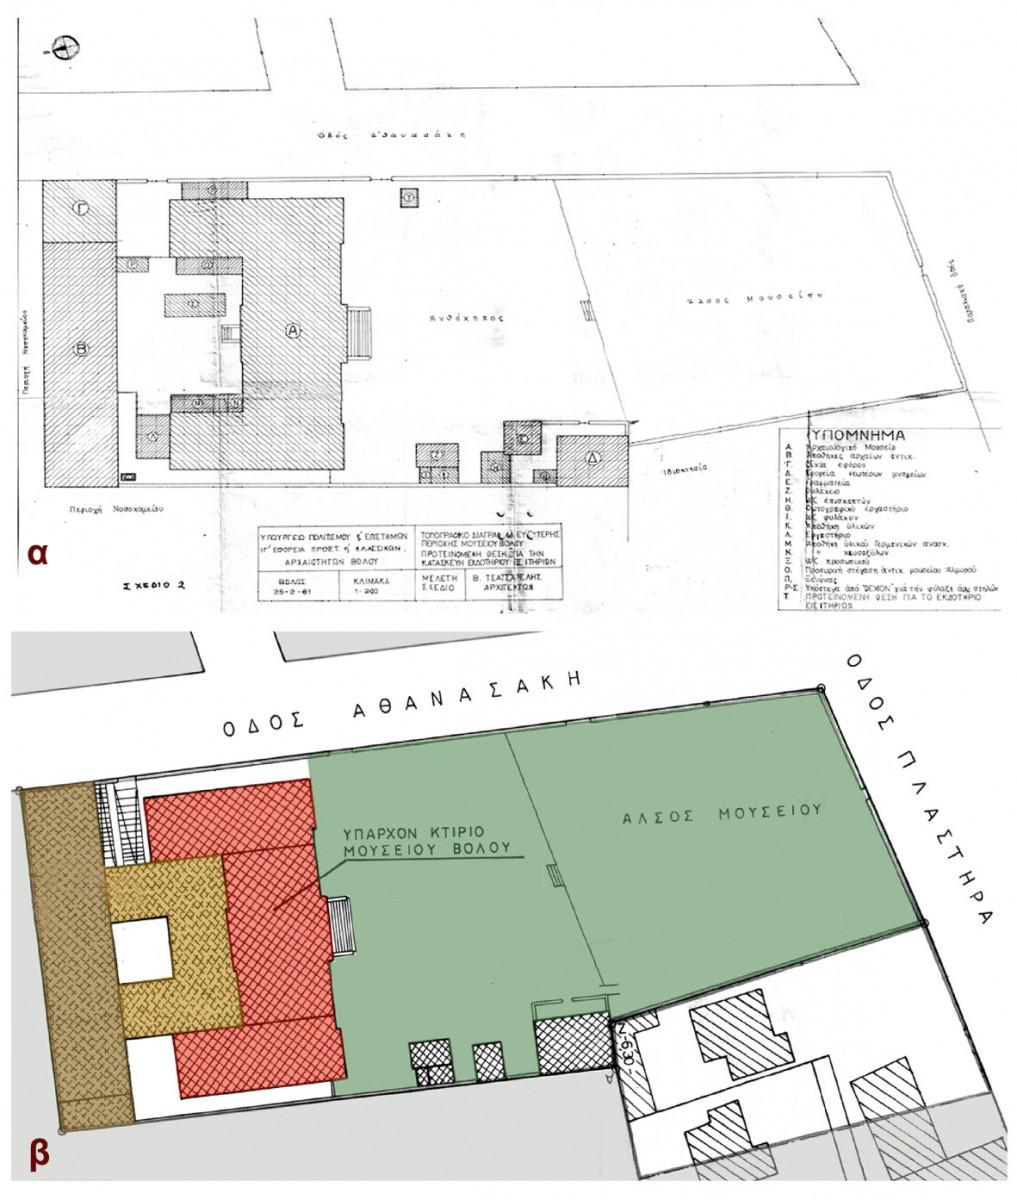 Εικ. 37. Τοπογραφικό διάγραμμα του περιβάλλοντος χώρου του Μουσείου Βόλου: α. 1981, β. 1994.